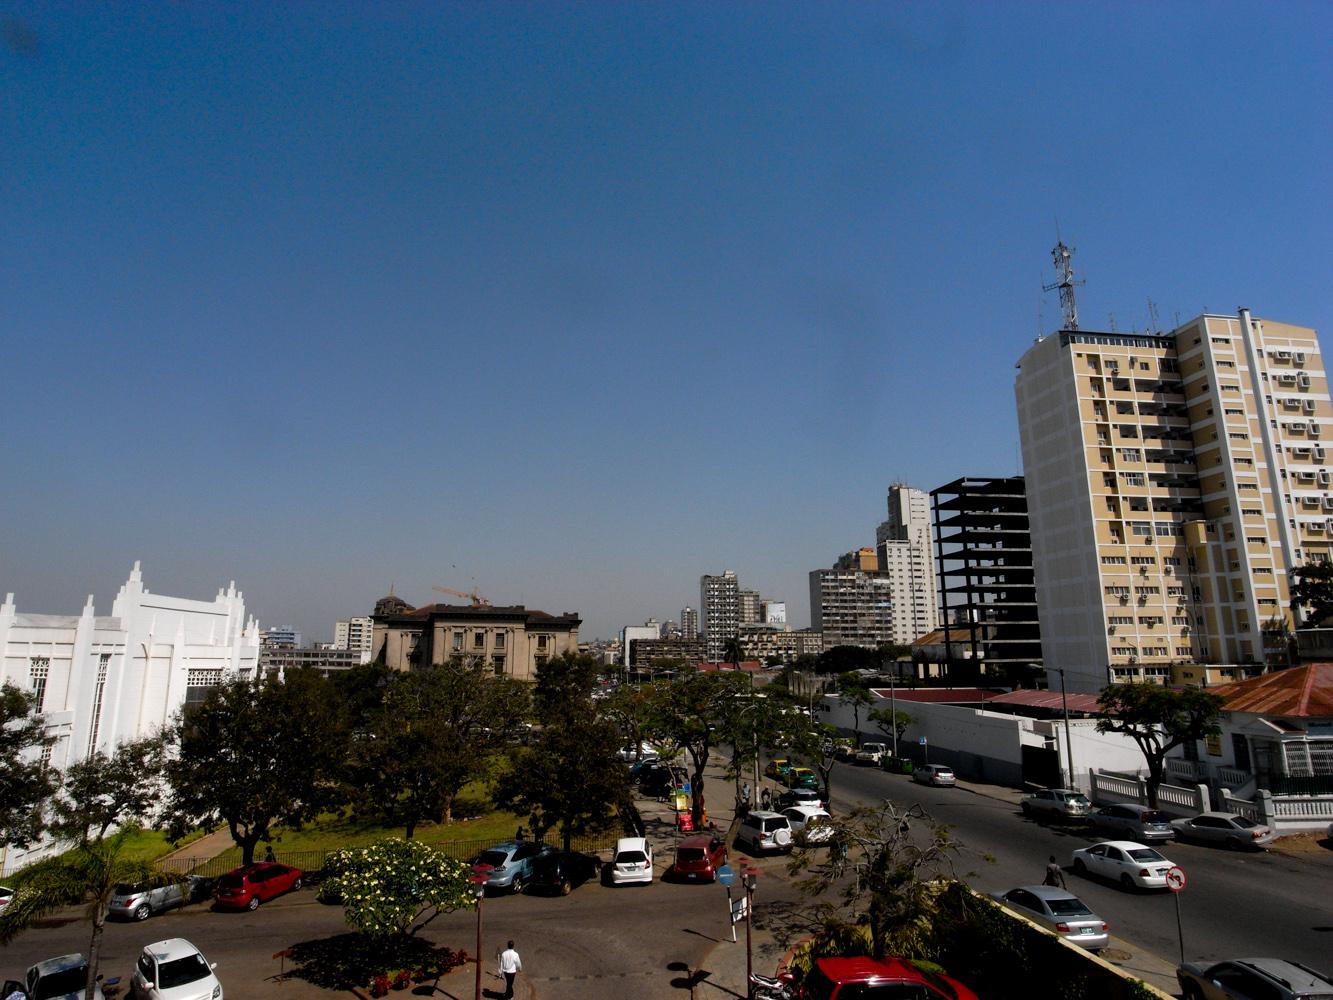 Mozambique_Vilankulos_Maputo_Tofo-19